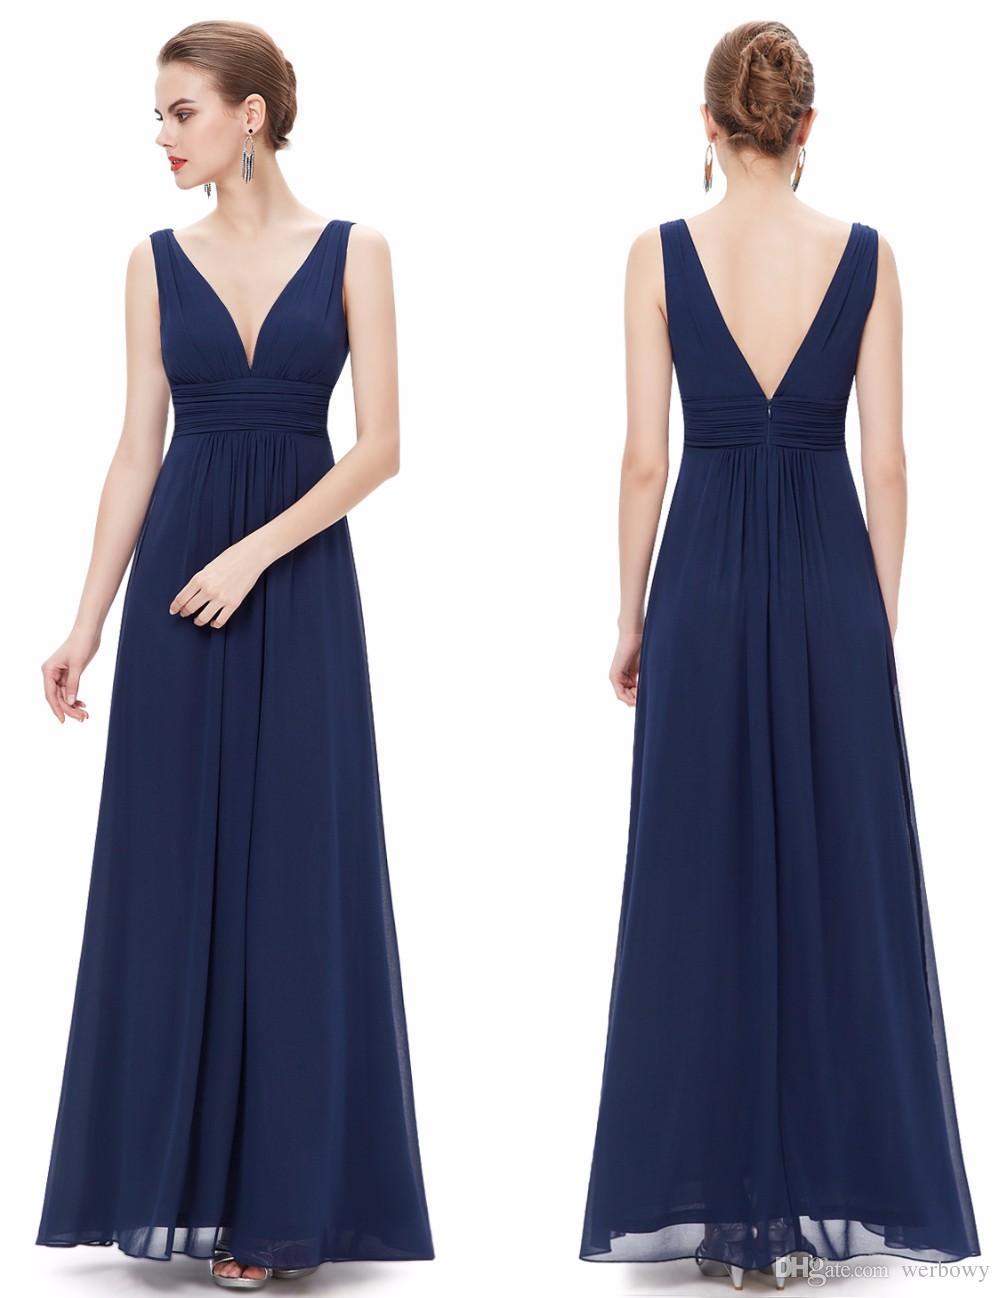 2019 nouvel été sexy col en V longue robe de demoiselle d'honneur blanche en mousseline de soie rouge épaule licol épaules pure main pli robe de bal HY017